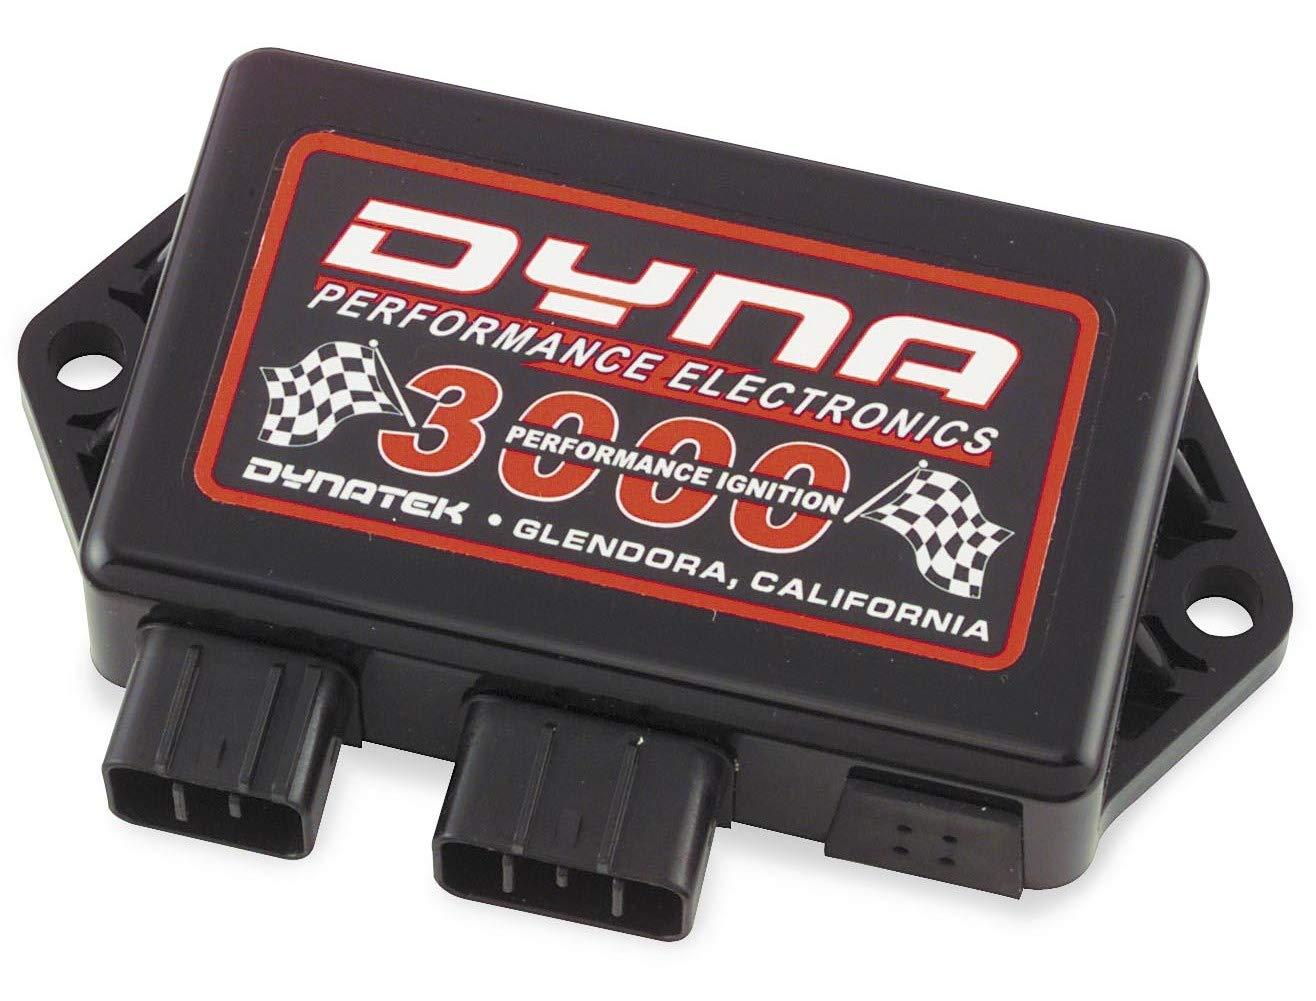 Dynatek Dyna 3000 Series Ignition System for Yamaha D3K7-1